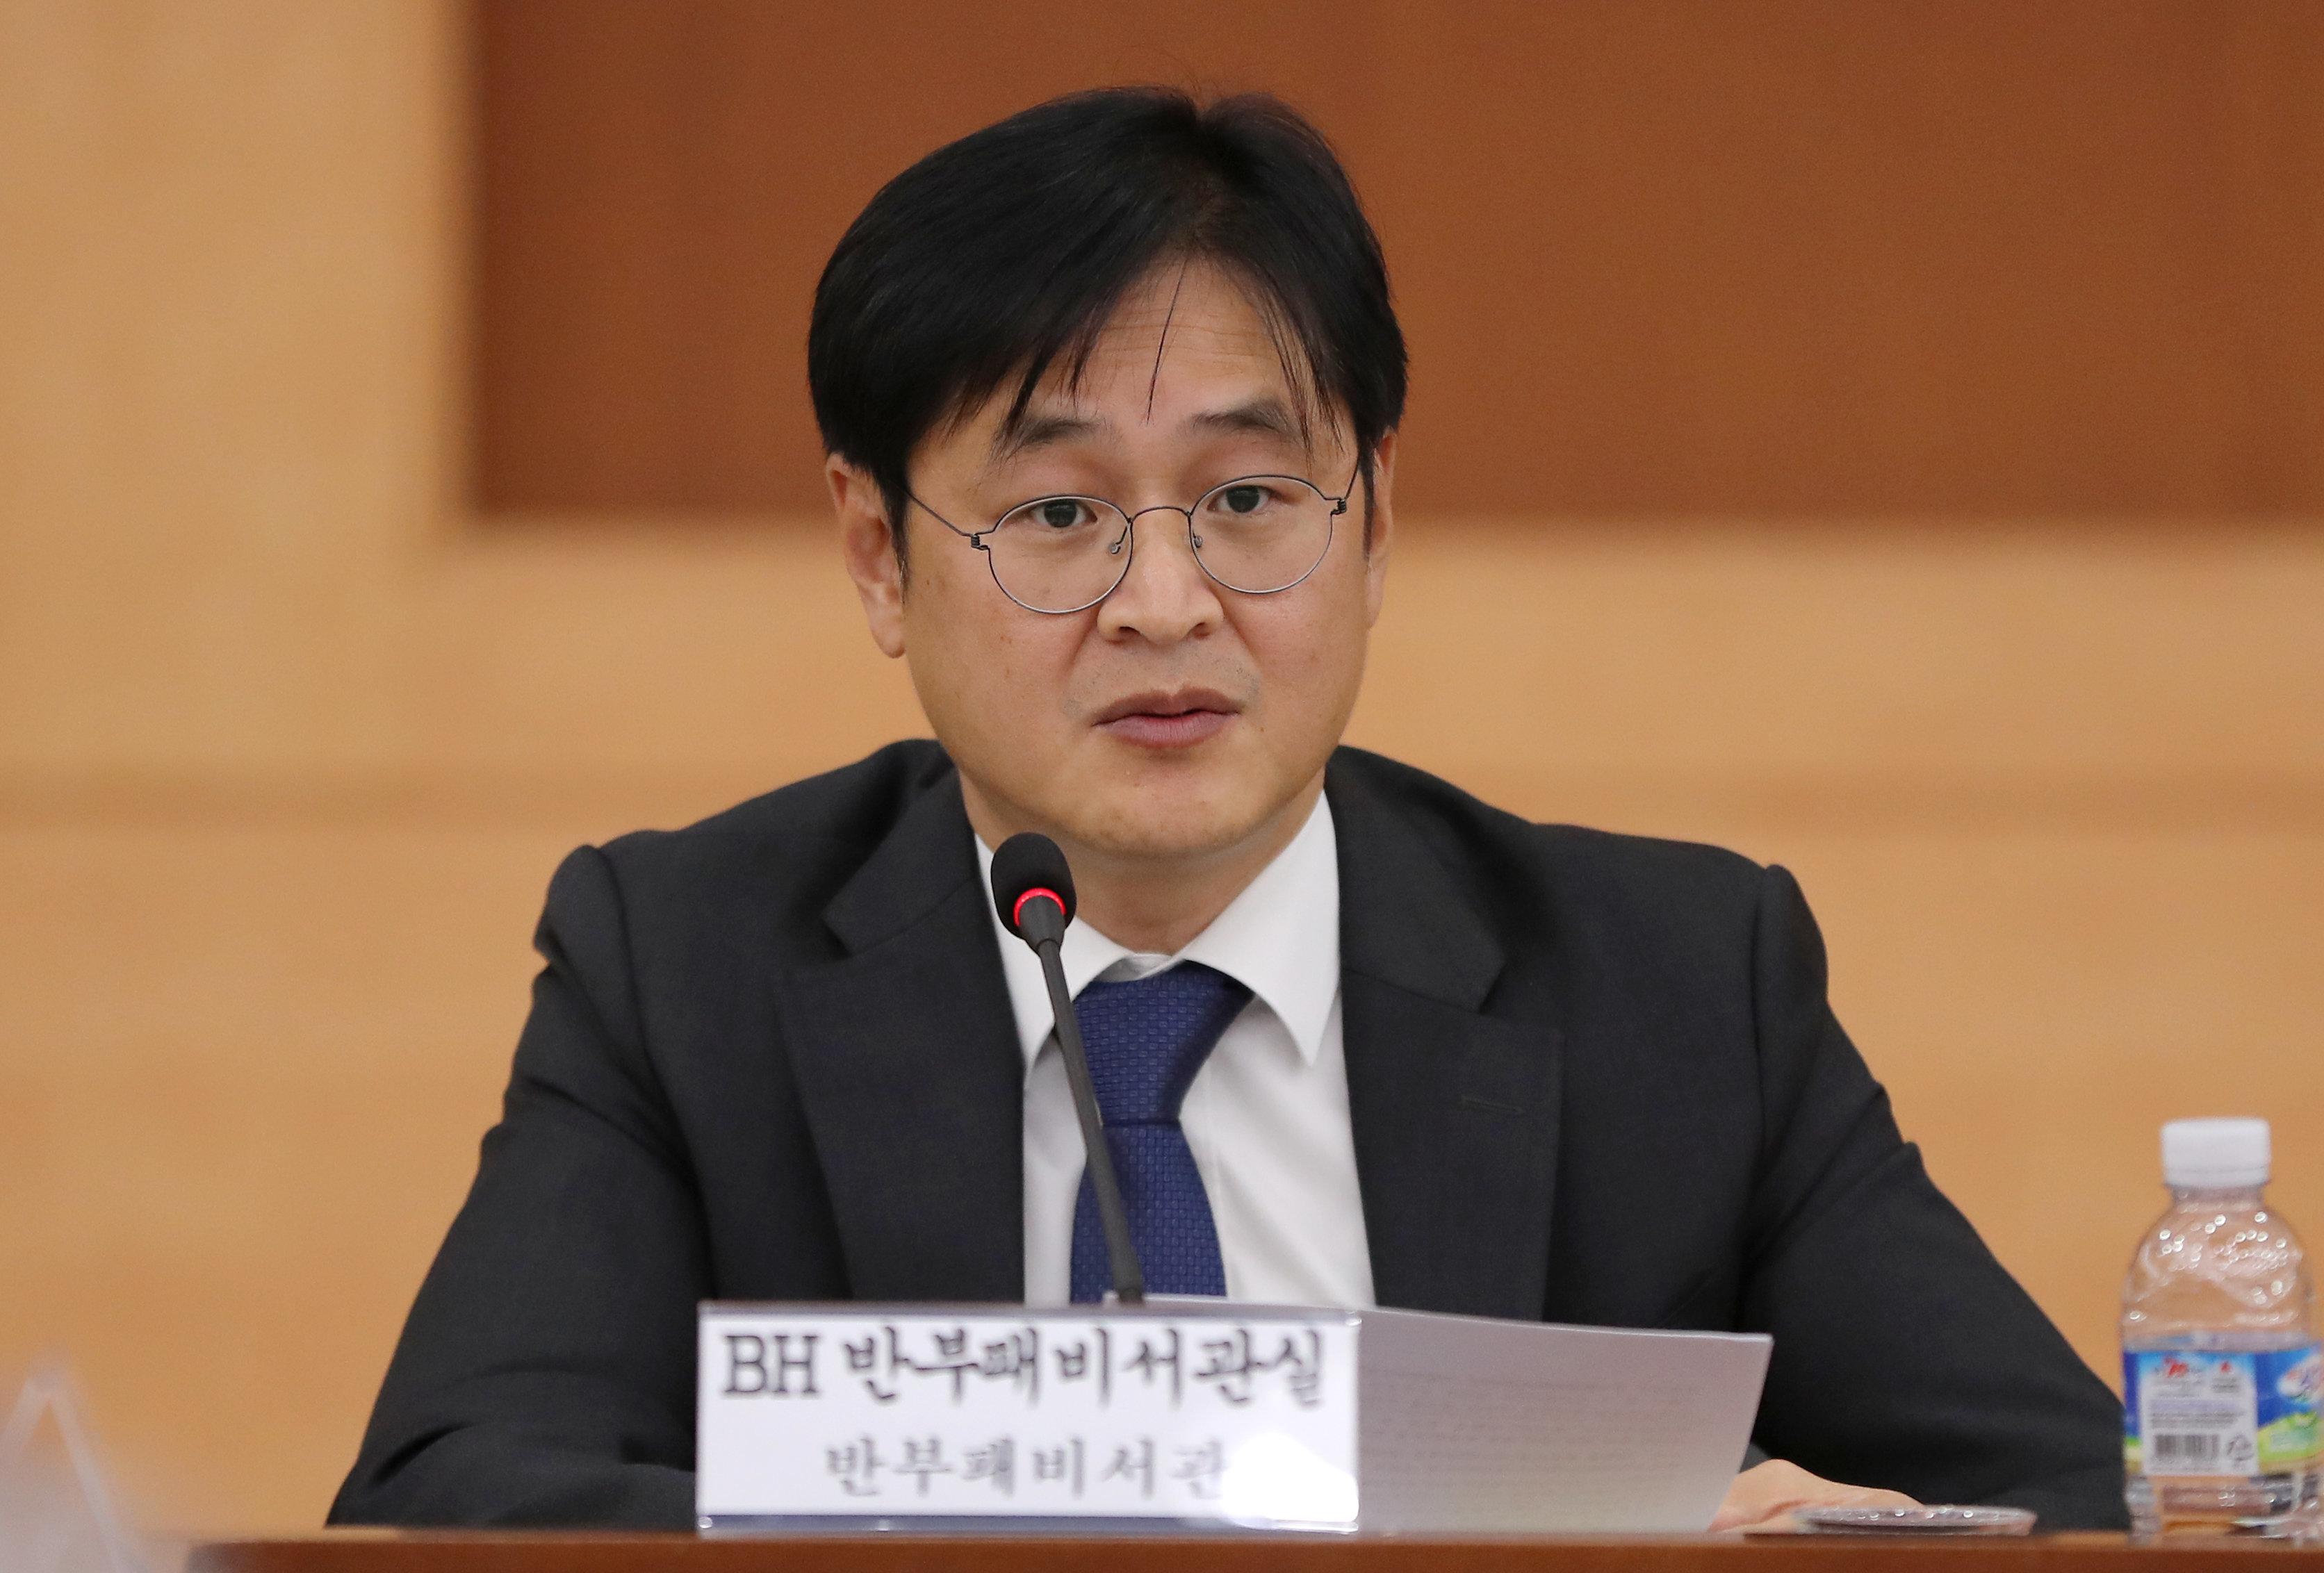 김태우의 '민간인 불법사찰' 폭로를 어디까지 믿을 수